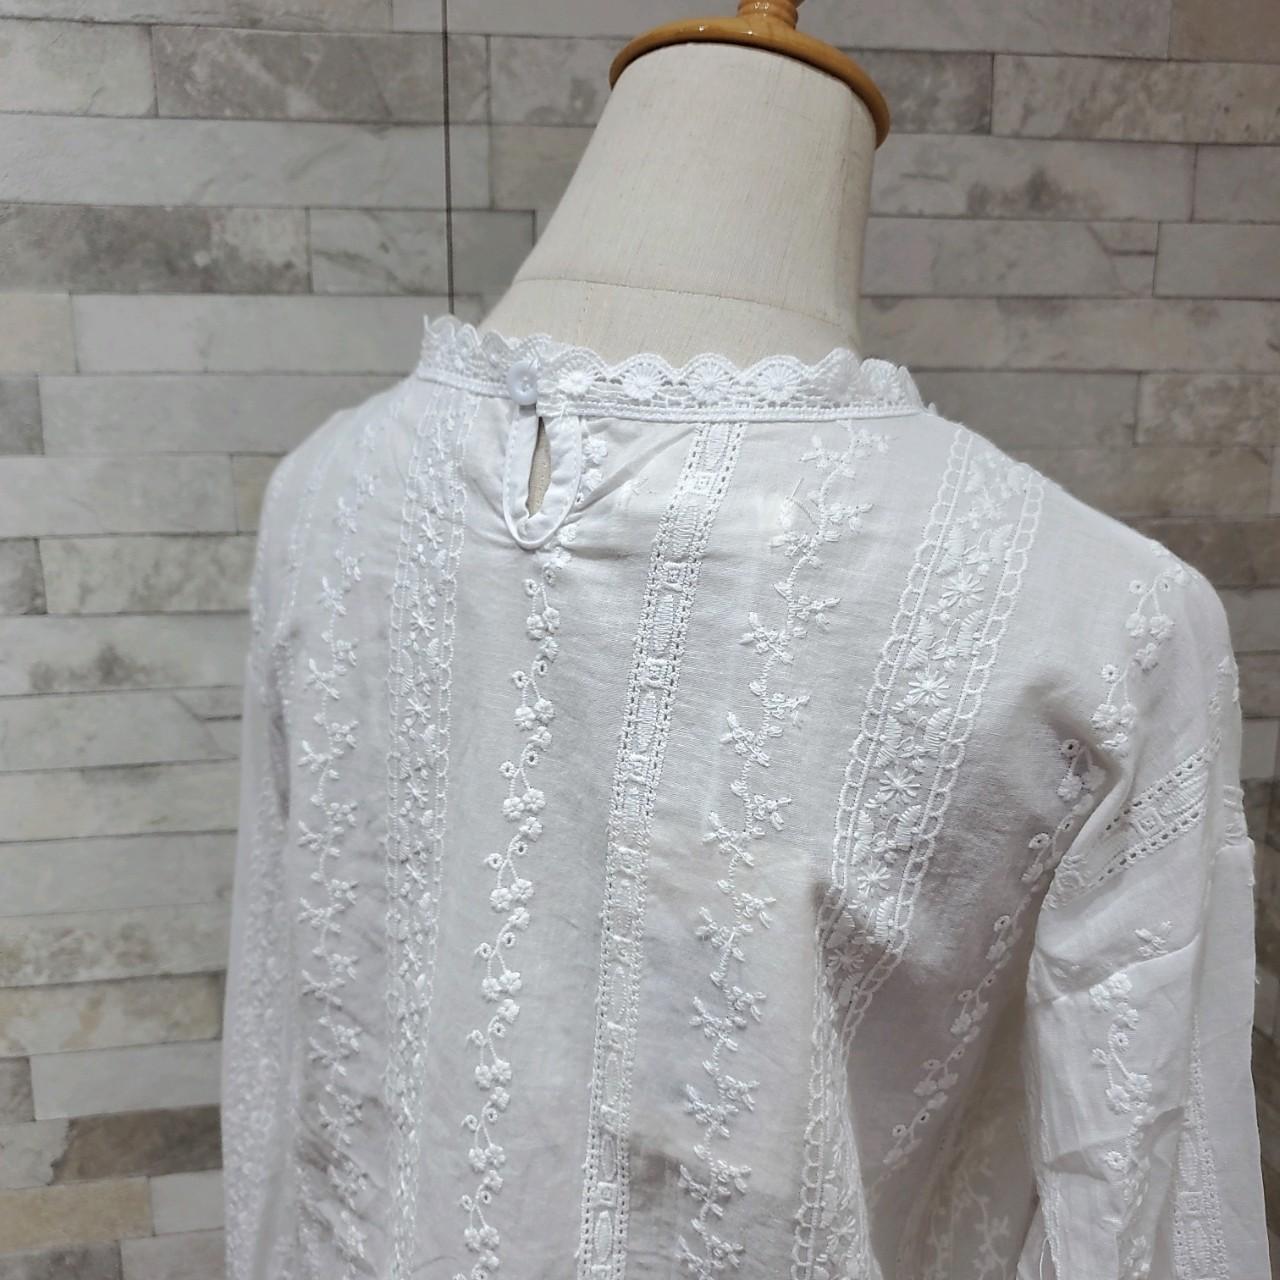 韓国 ファッション トップス ブラウス シャツ 春 夏 カジュアル PTXH429  刺繍 パンチングレース ガーリー プルオーバー オルチャン シンプル 定番 セレカジの写真16枚目